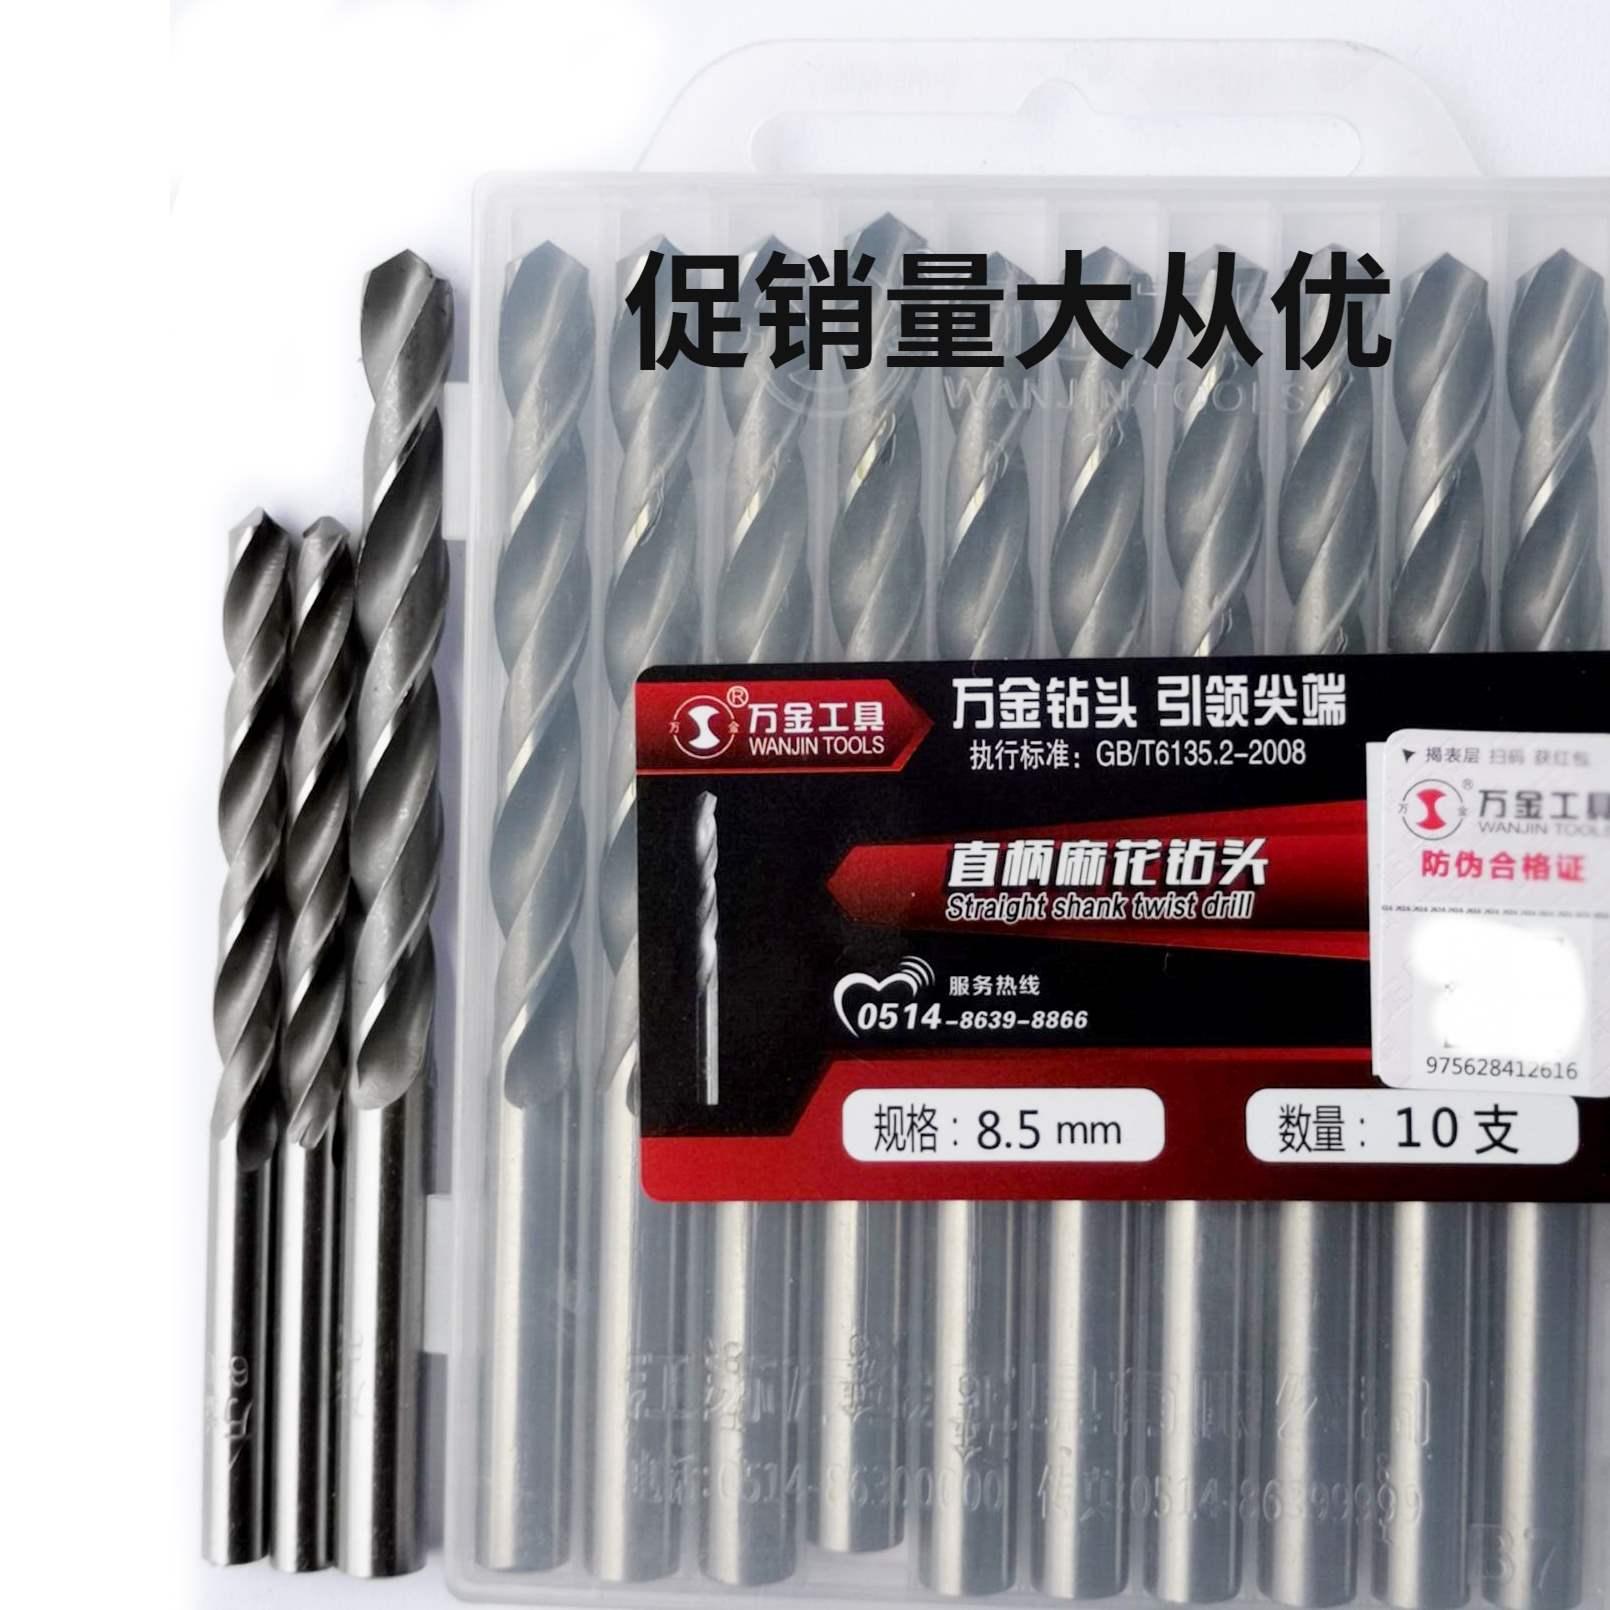 5.26.03.2江苏万金钻头4.2单头麻花钻适合不锈钢铁